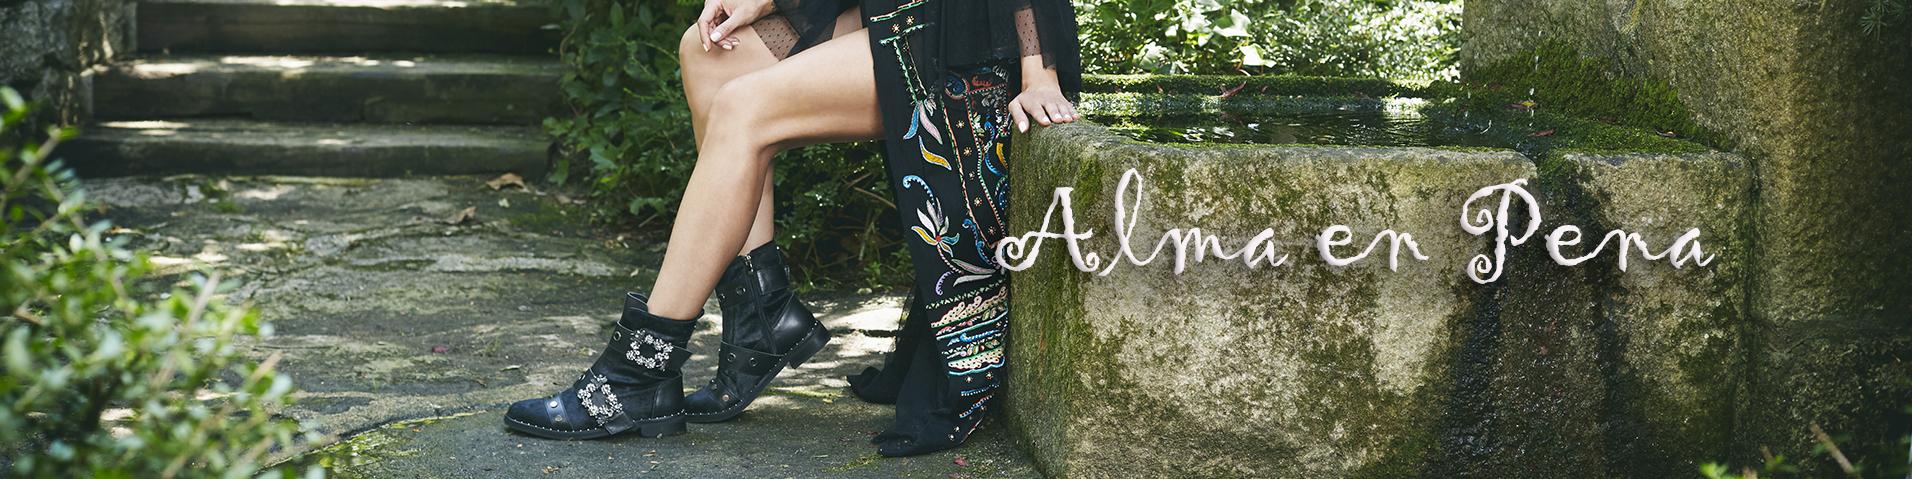 Alma De Femenino Mujer Pena Comprar En Calzado Online Zapatos 1w6qZgq